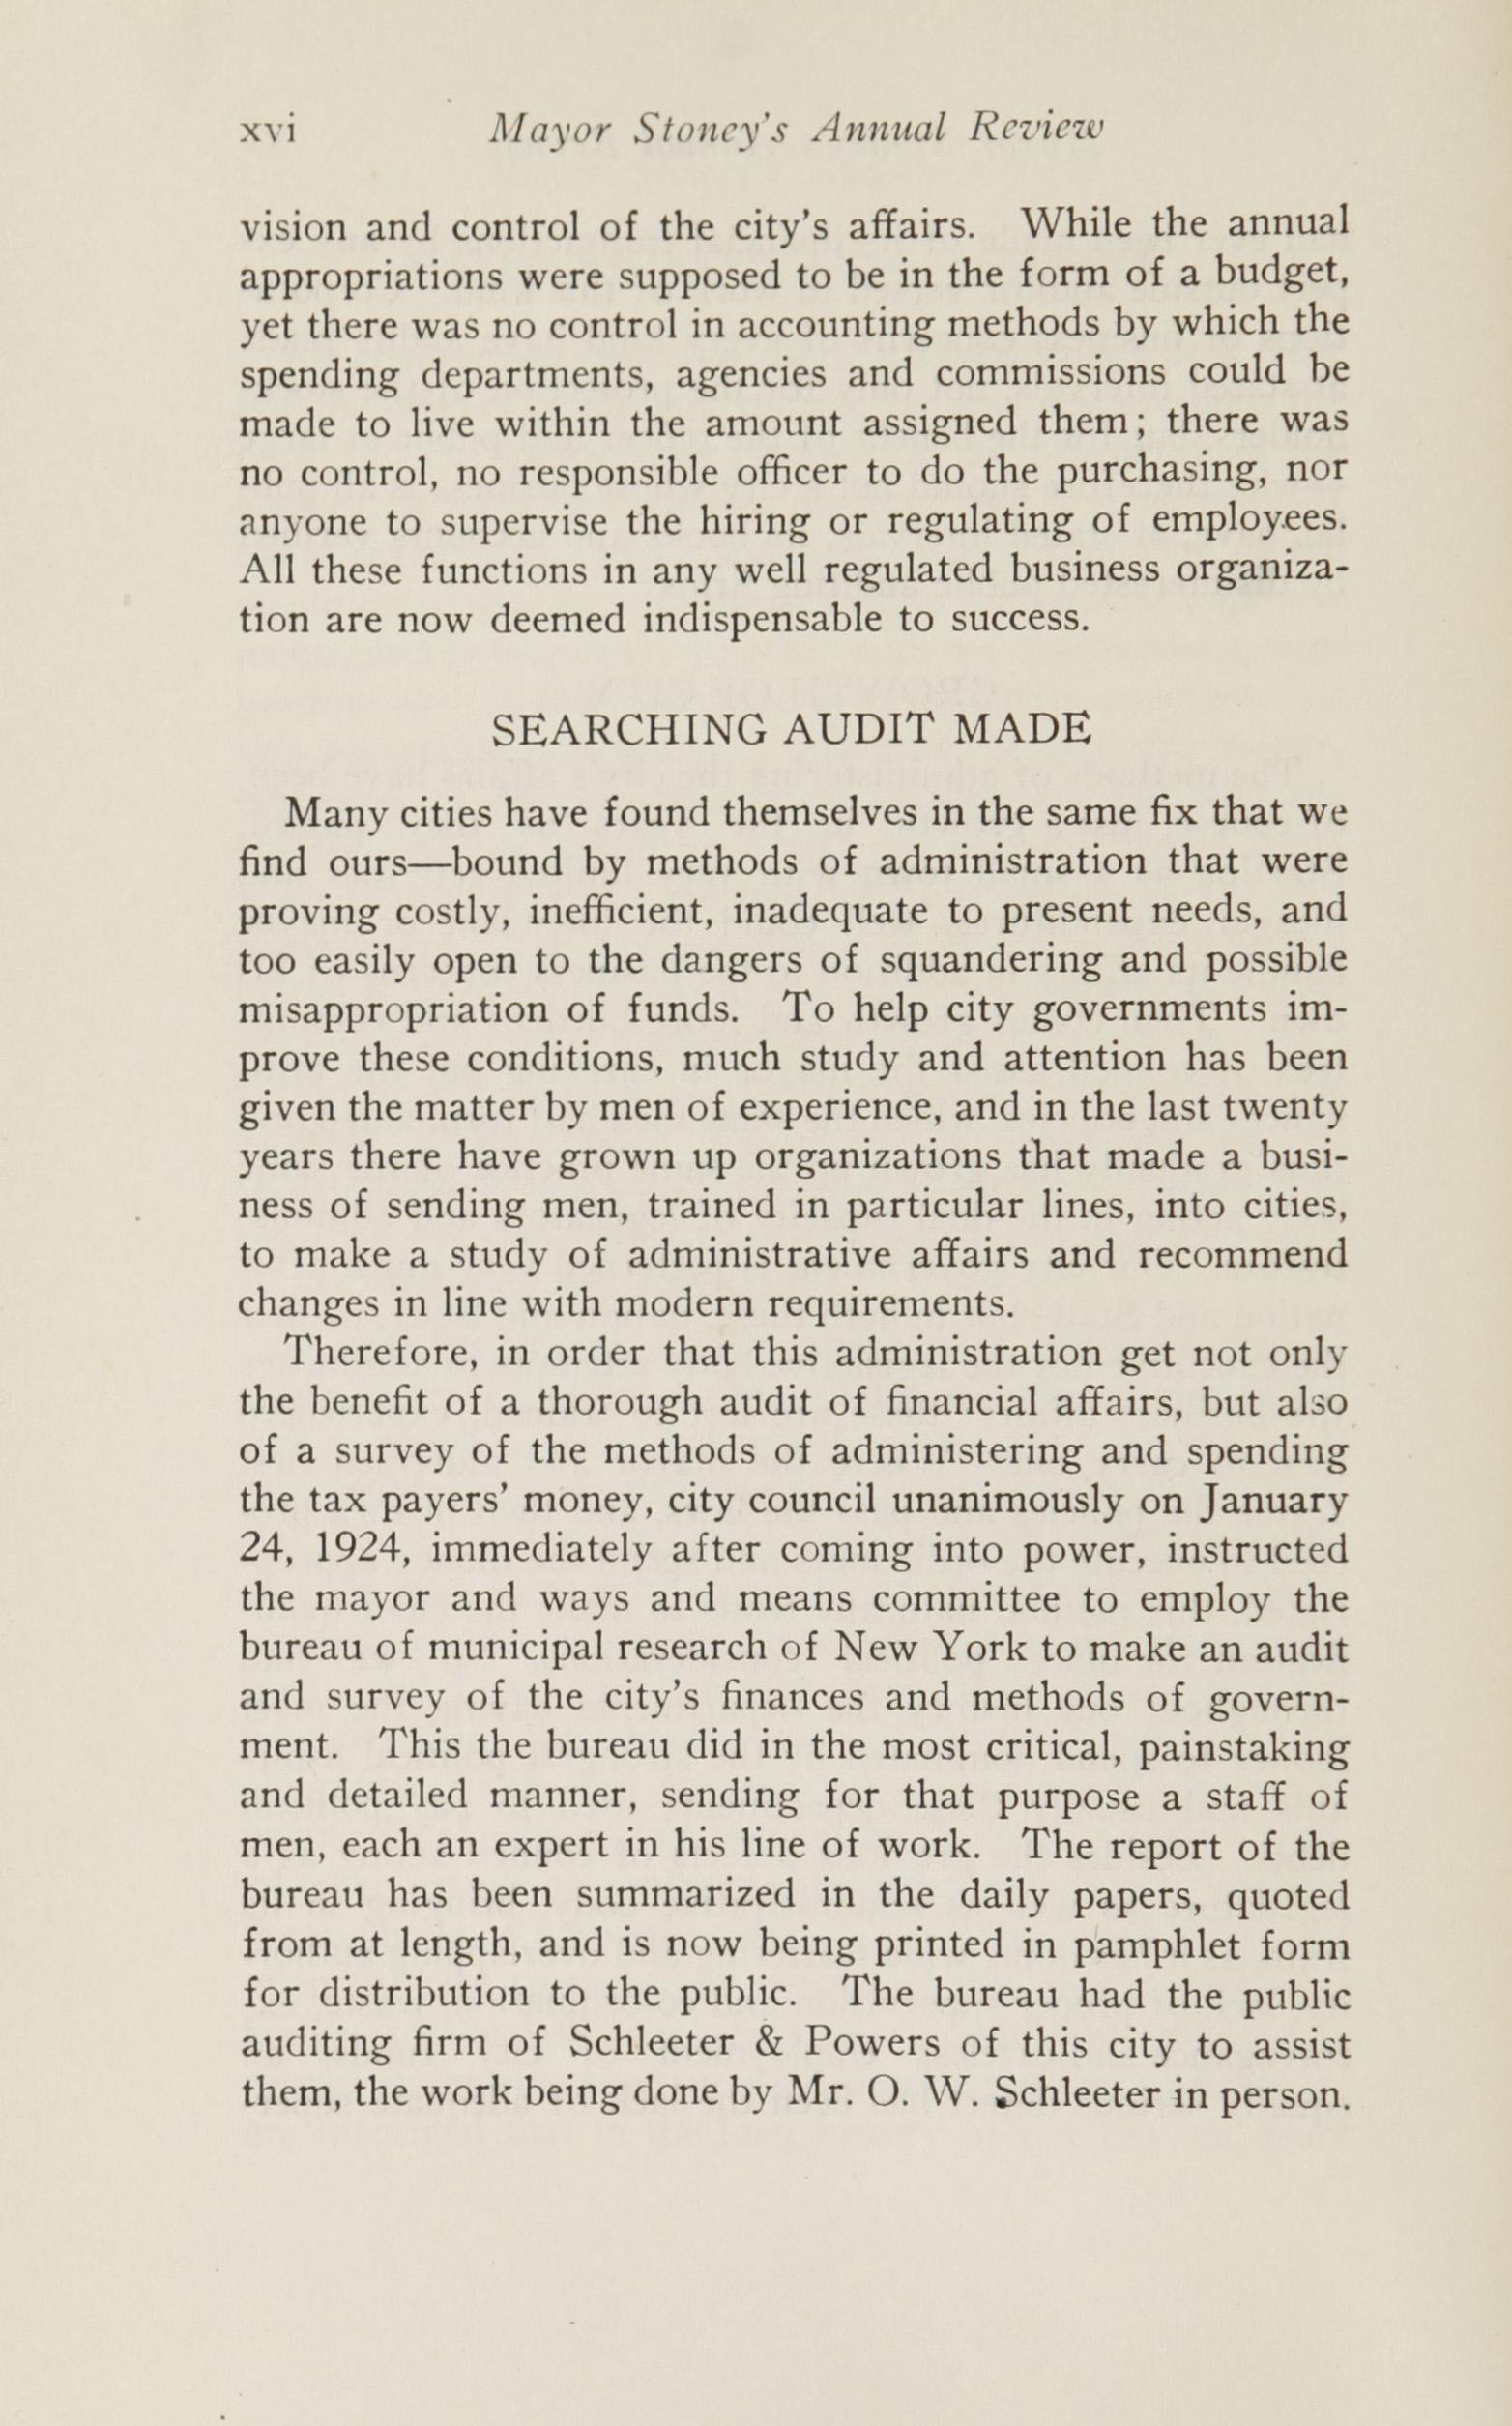 Charleston Yearbook, 1924, page xvi